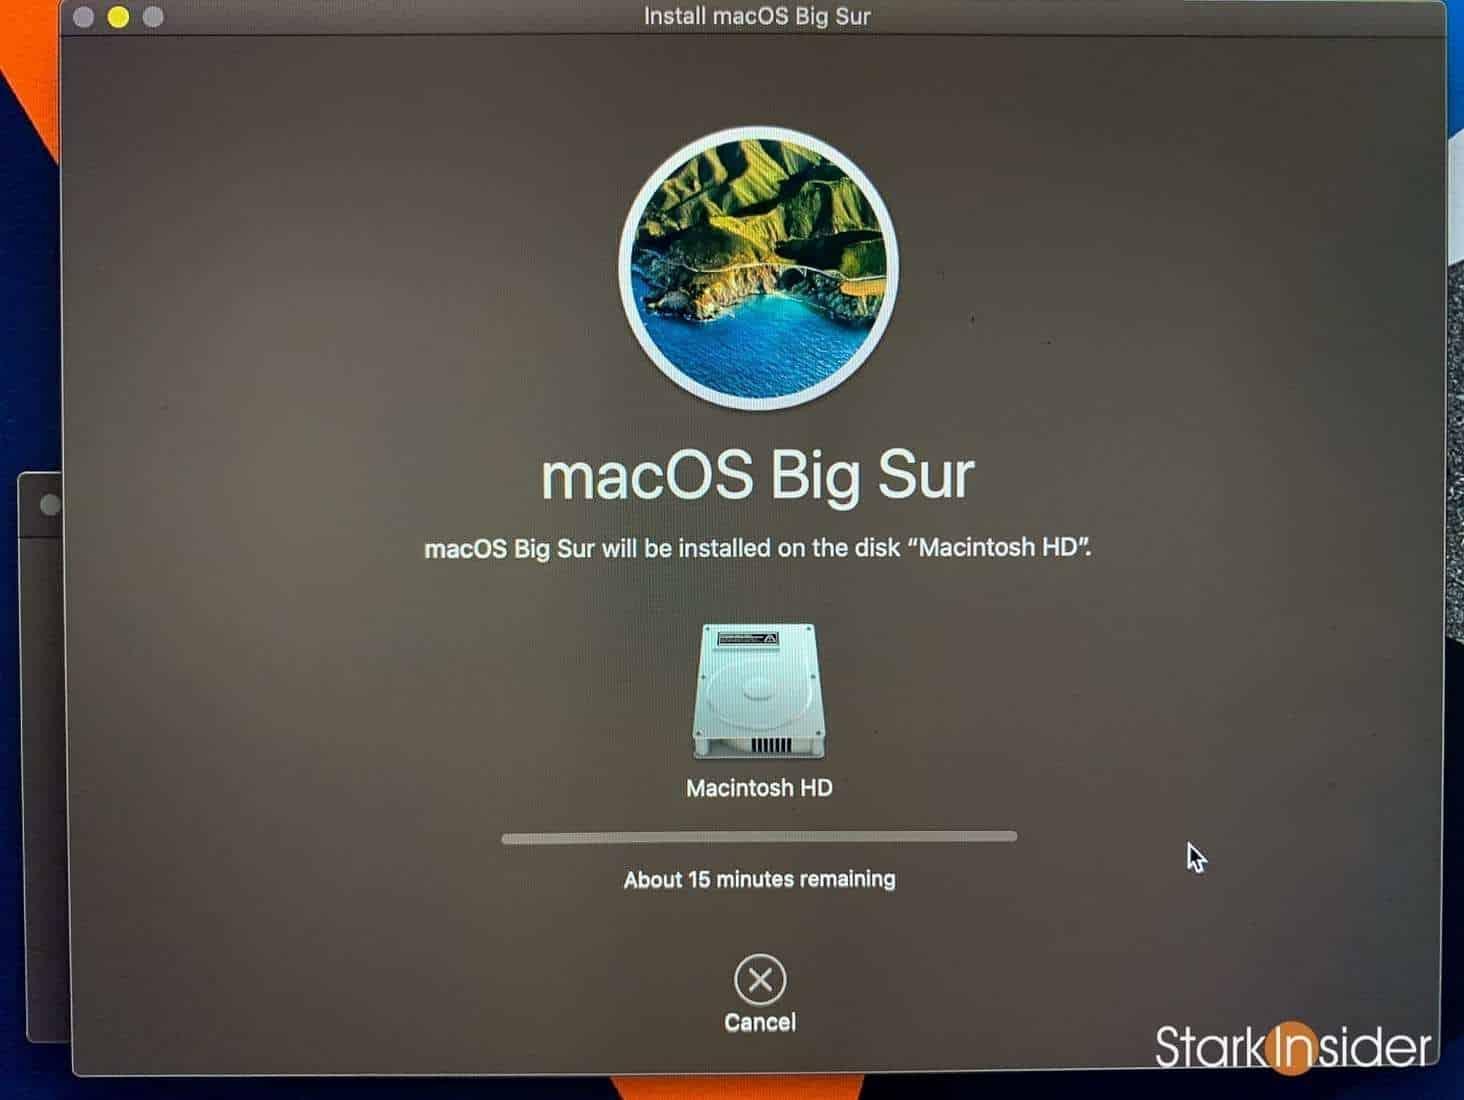 macOS Big Sur installation 15 minutes MacBook Pro